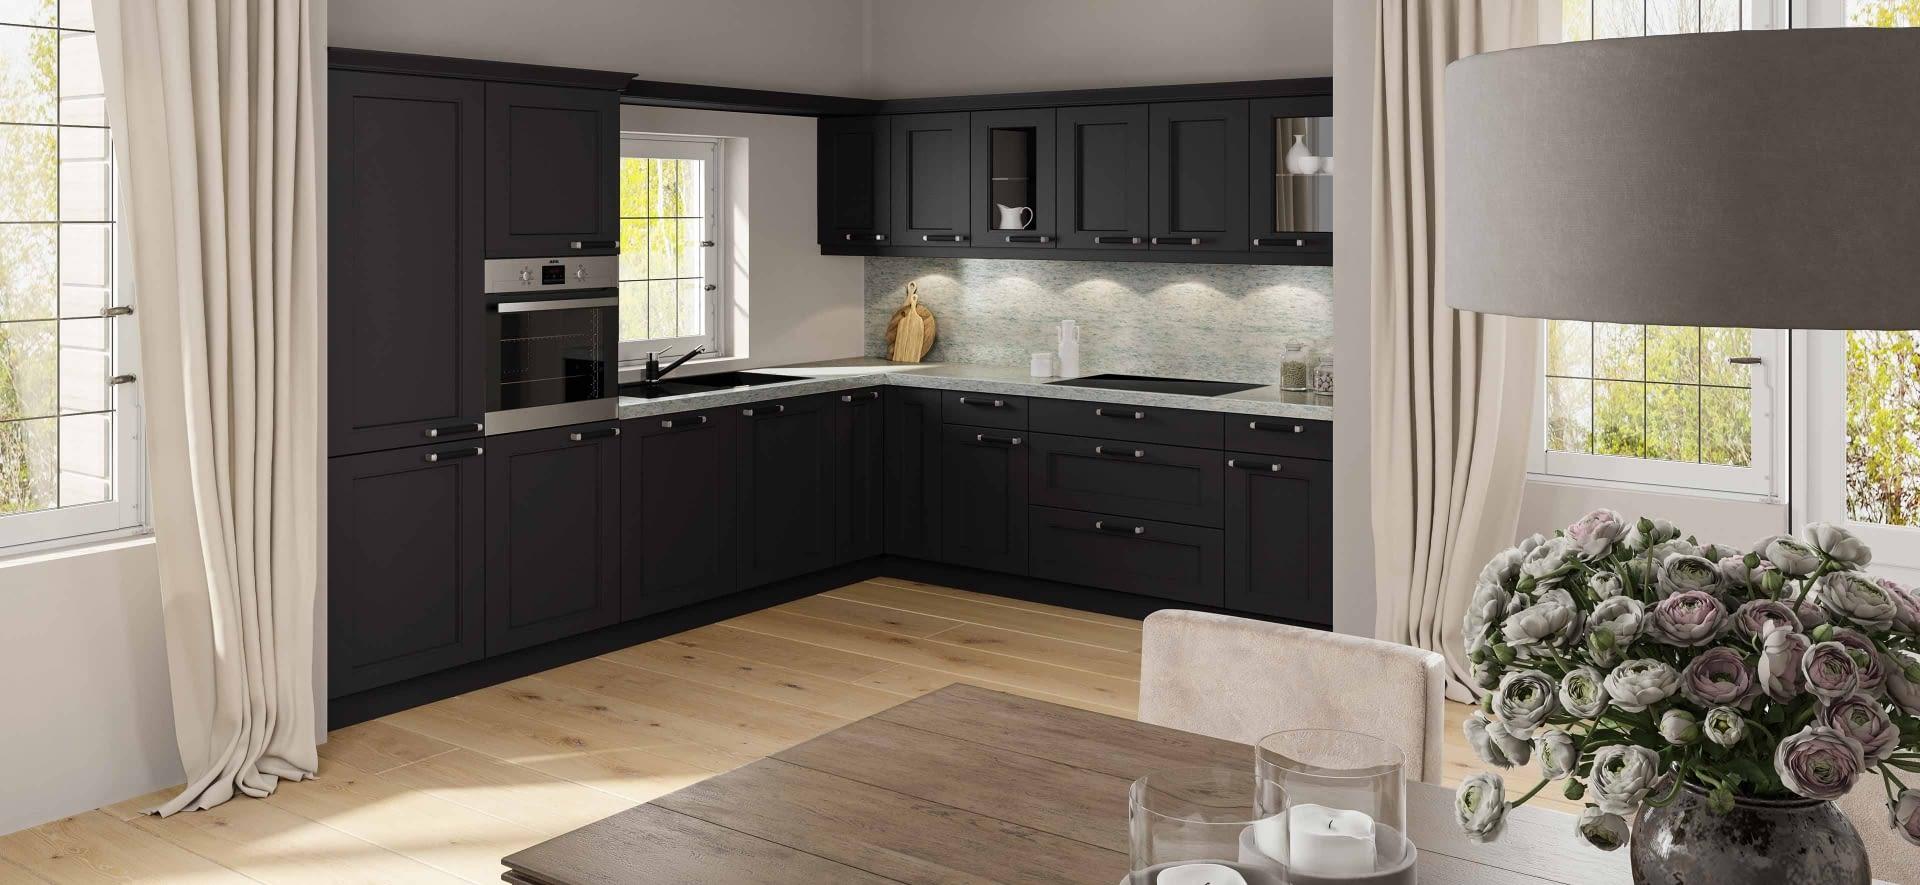 Stilvolle Landhausküche In L Form Mit Granitarbeitsplatte